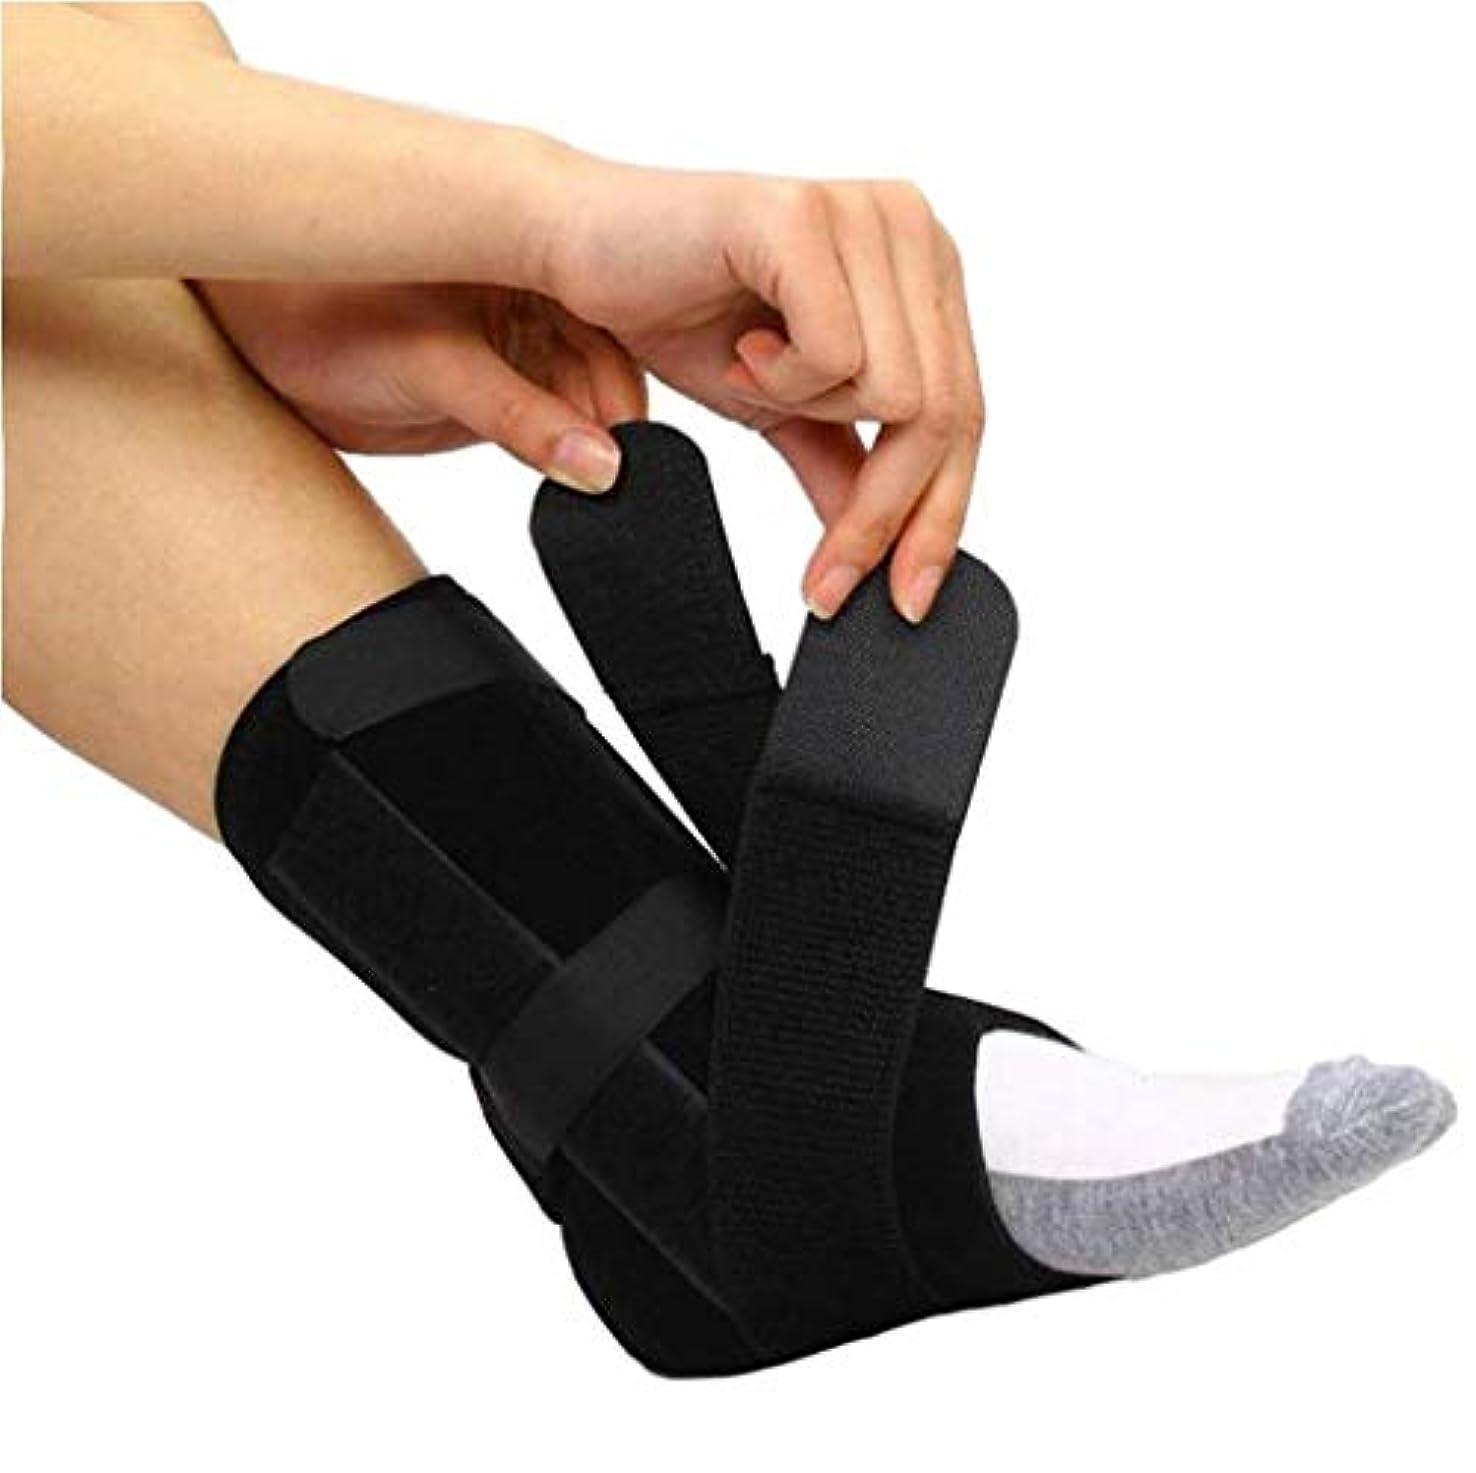 太字小切手血まみれドロップフット–ドロップフット、神経損傷、足の位置、圧力緩和、足首と足の装具のサポート-ユニセックス (Size : L)